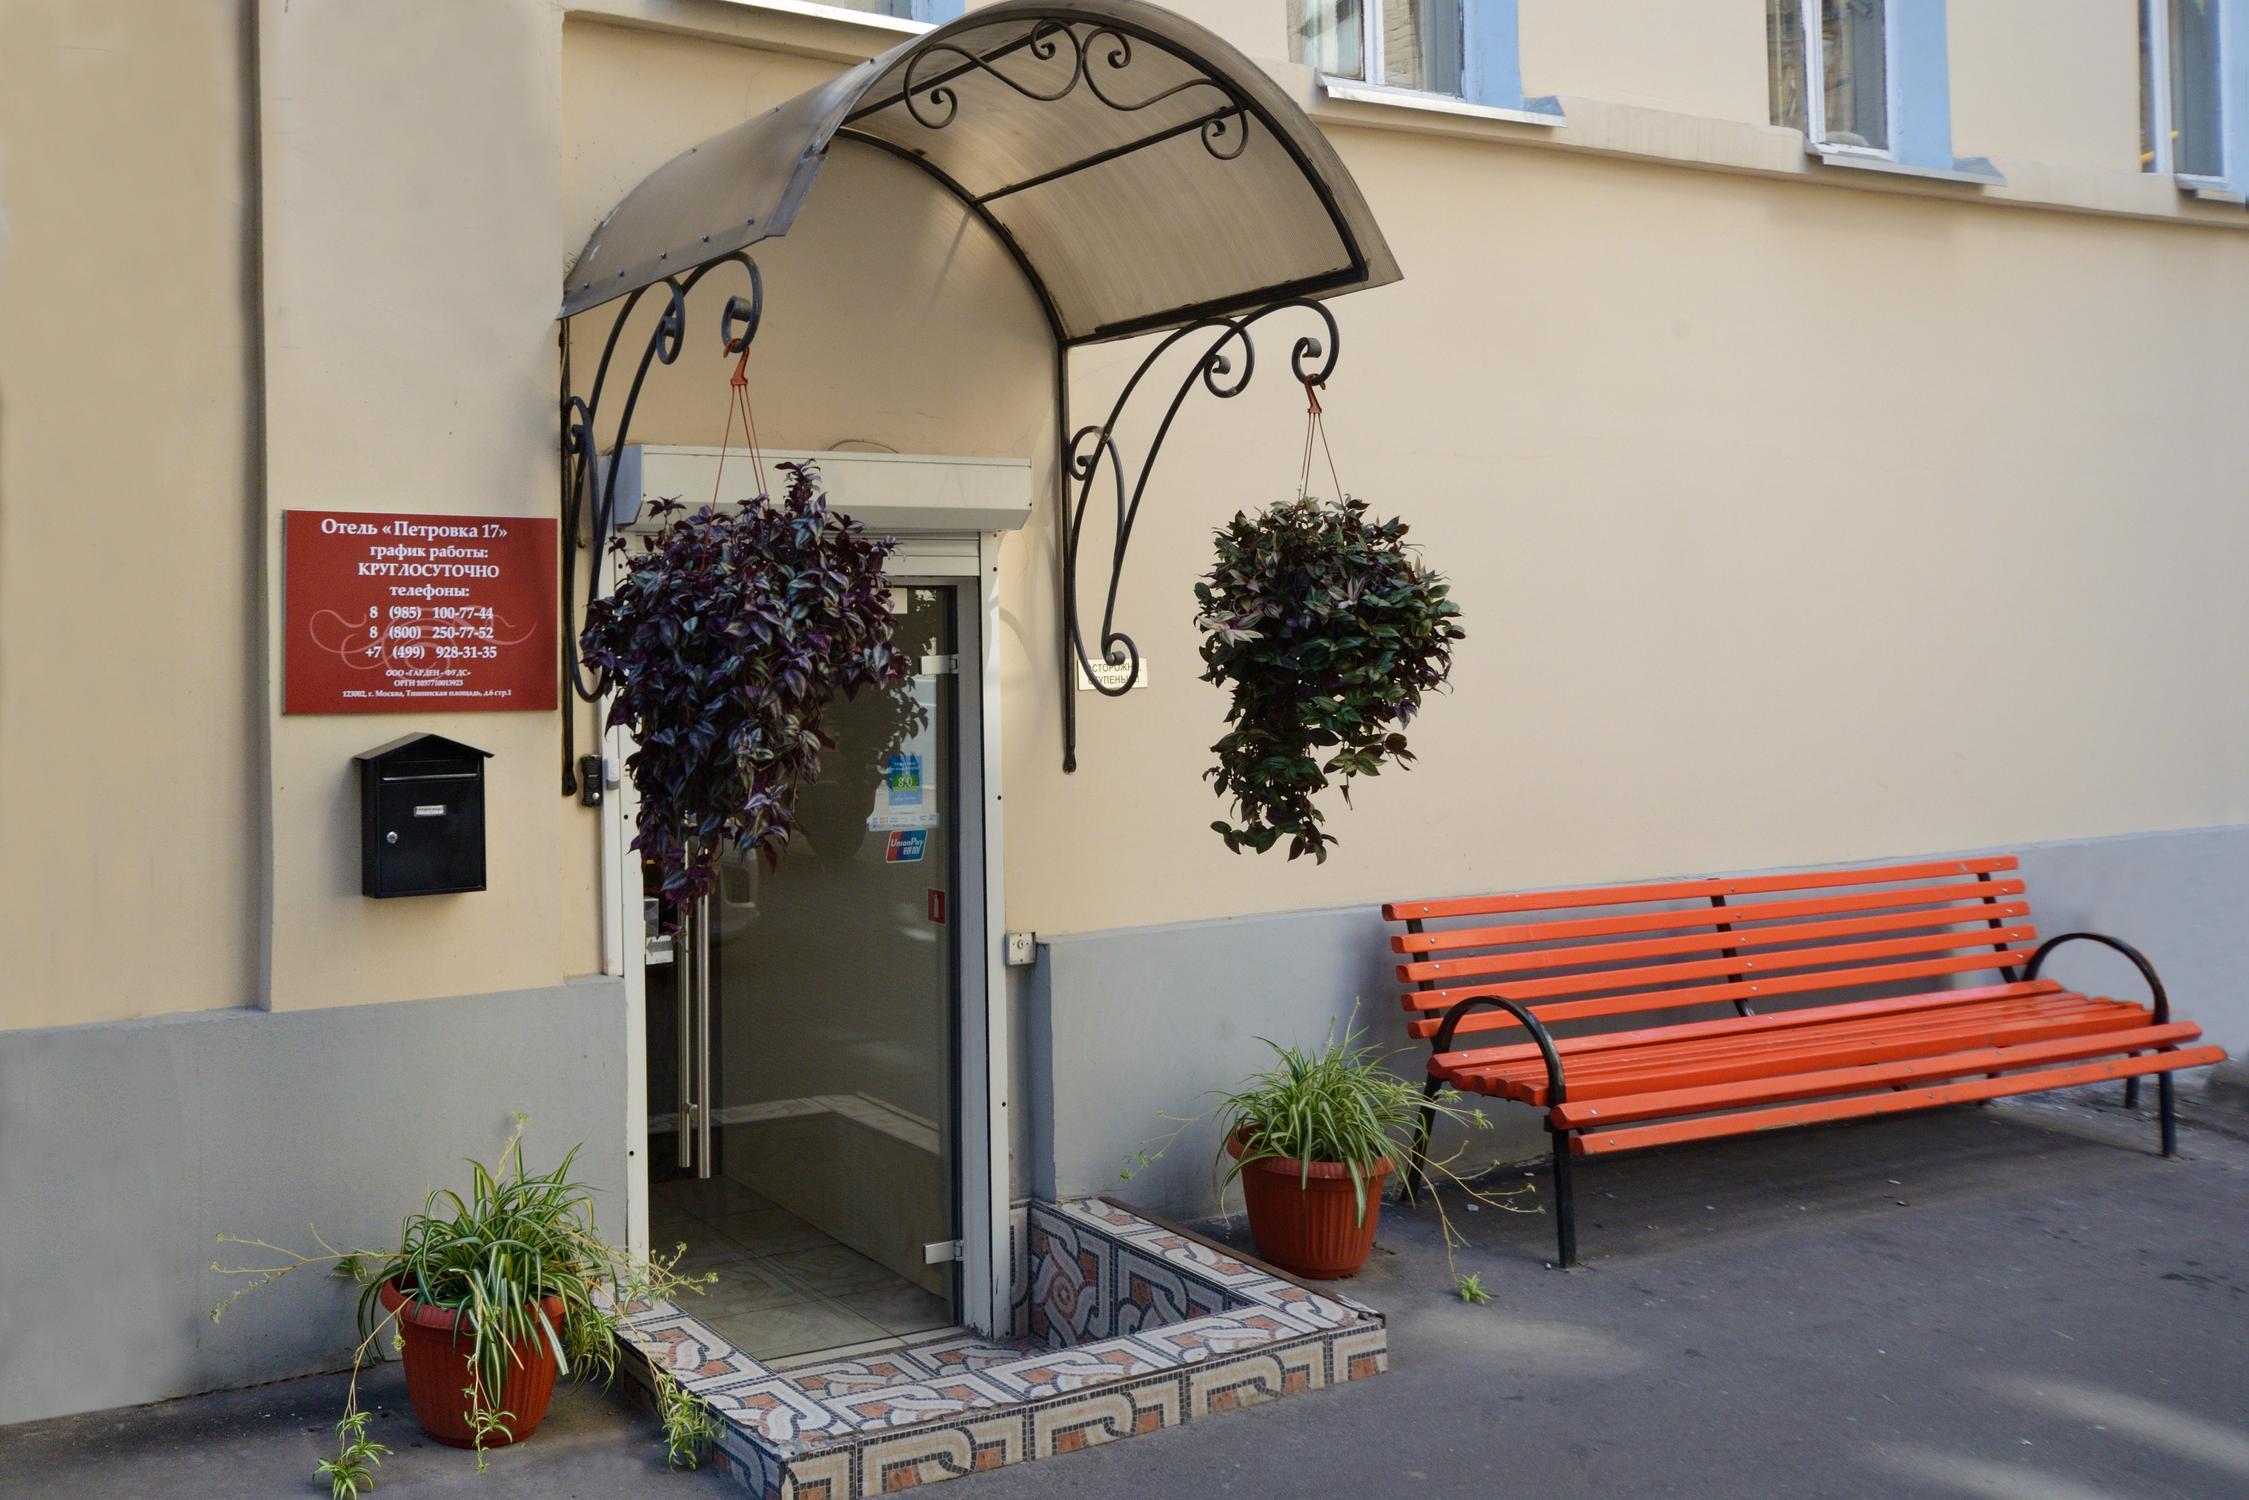 фотография Отеля Петровка 17 на улице Петровка